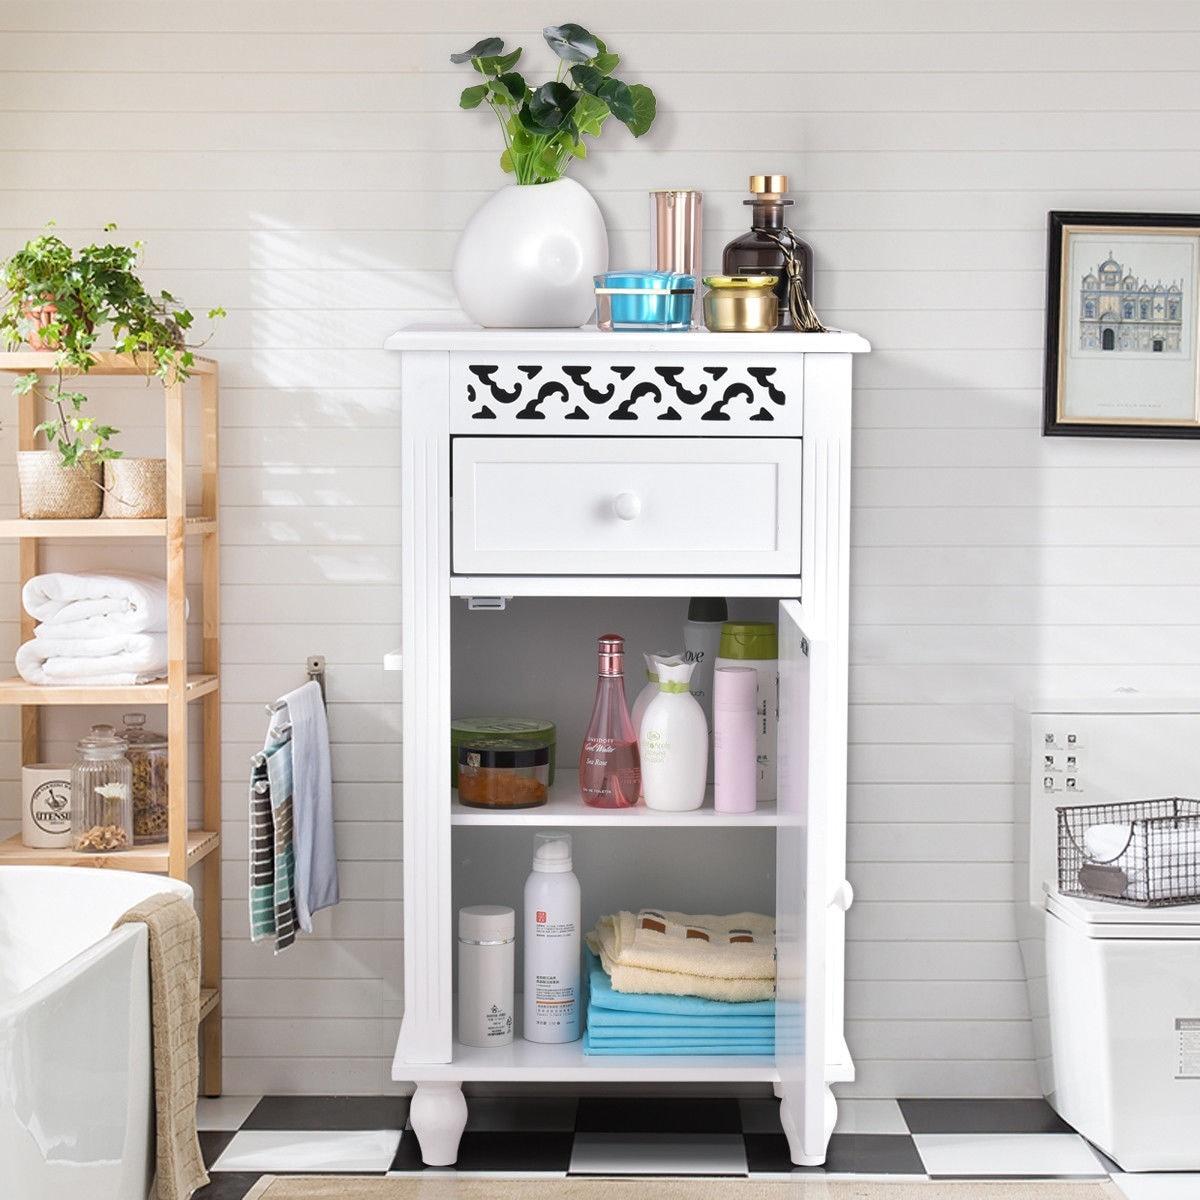 Shop Gymax Storage Floor Cabinet Bathroom Organizer Floor Cabinet ...